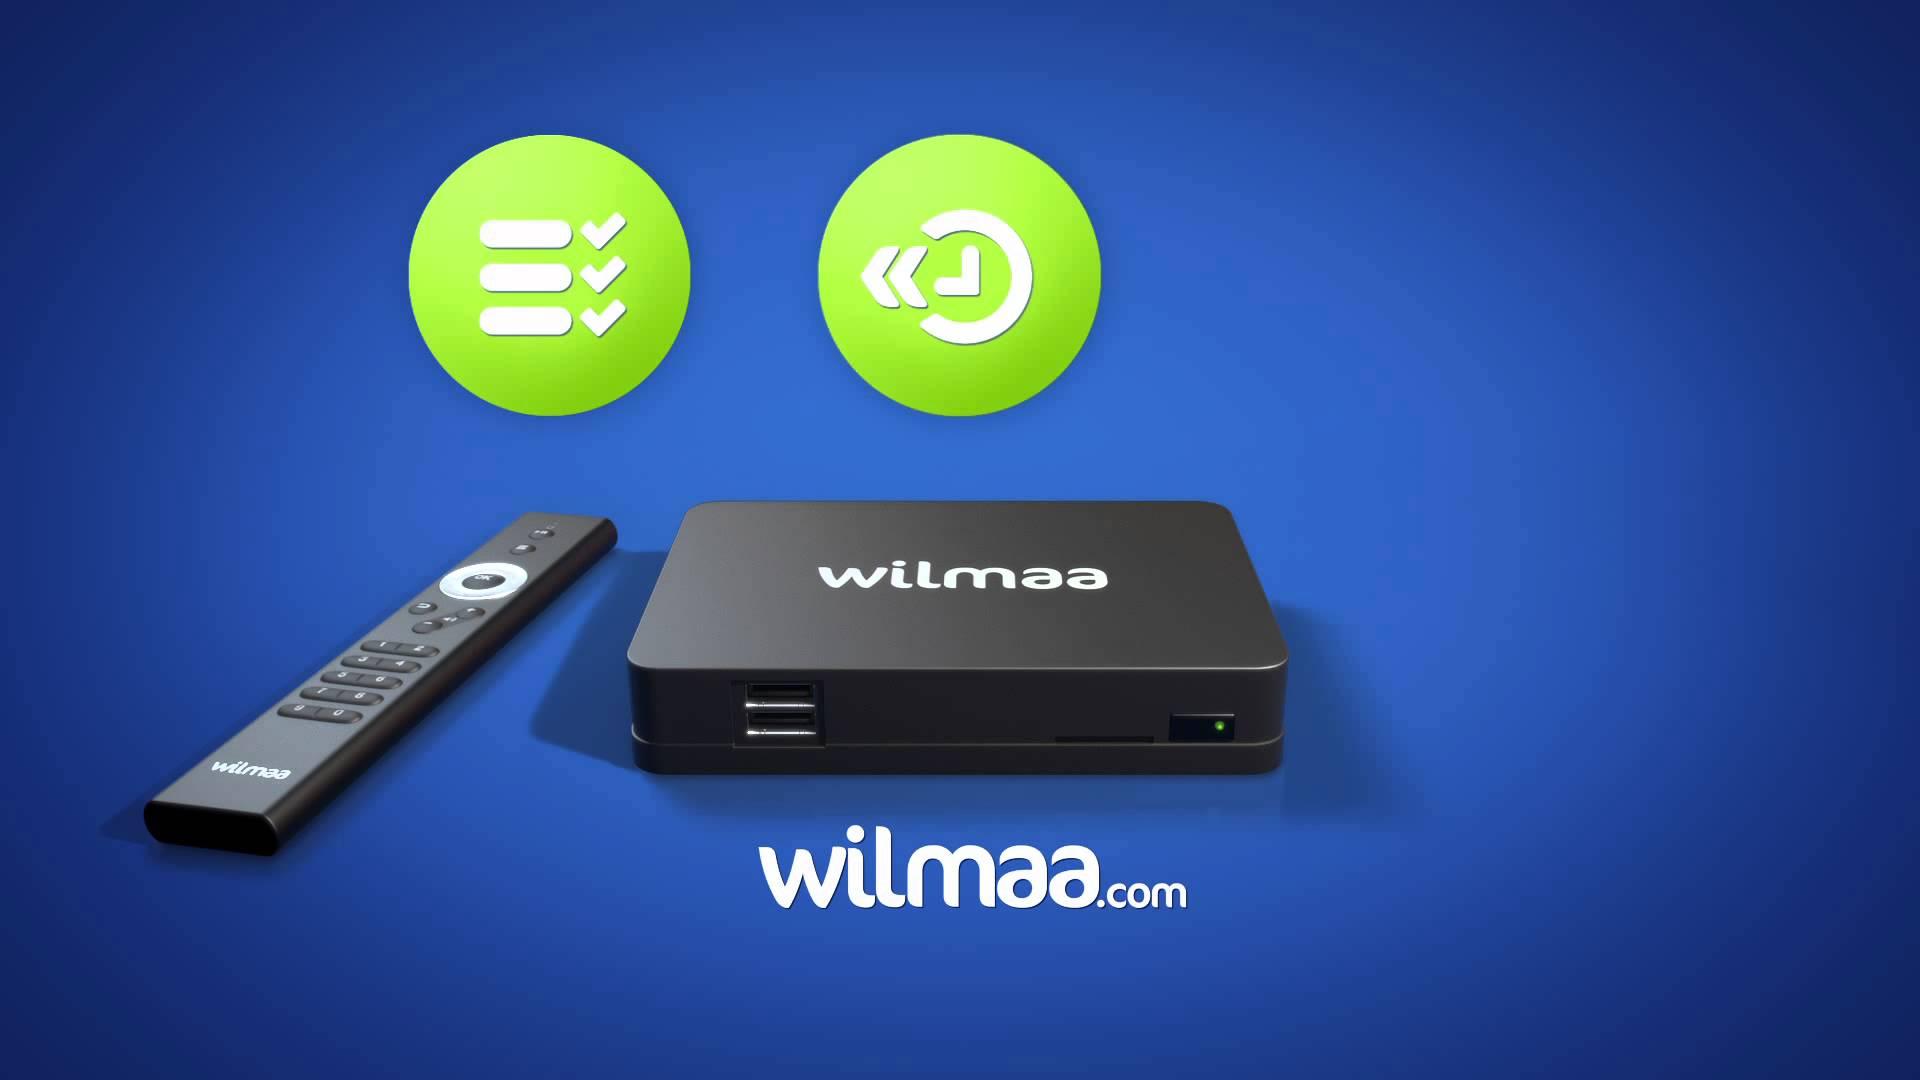 Wilmaa TV oder Swisscom TV